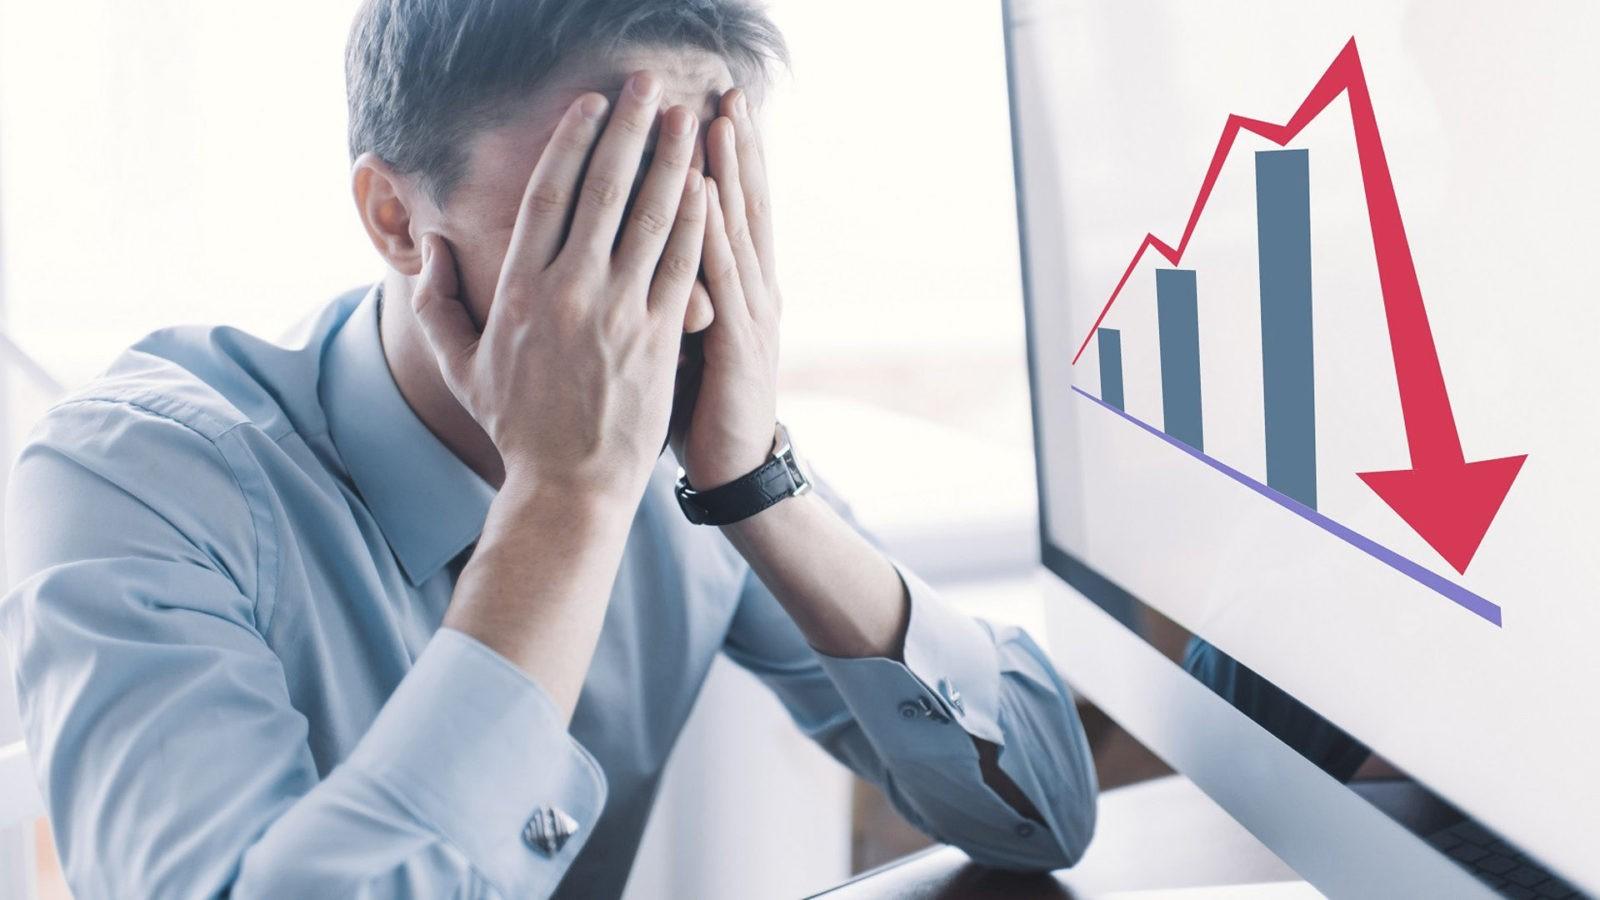 как подать на банкротство организации